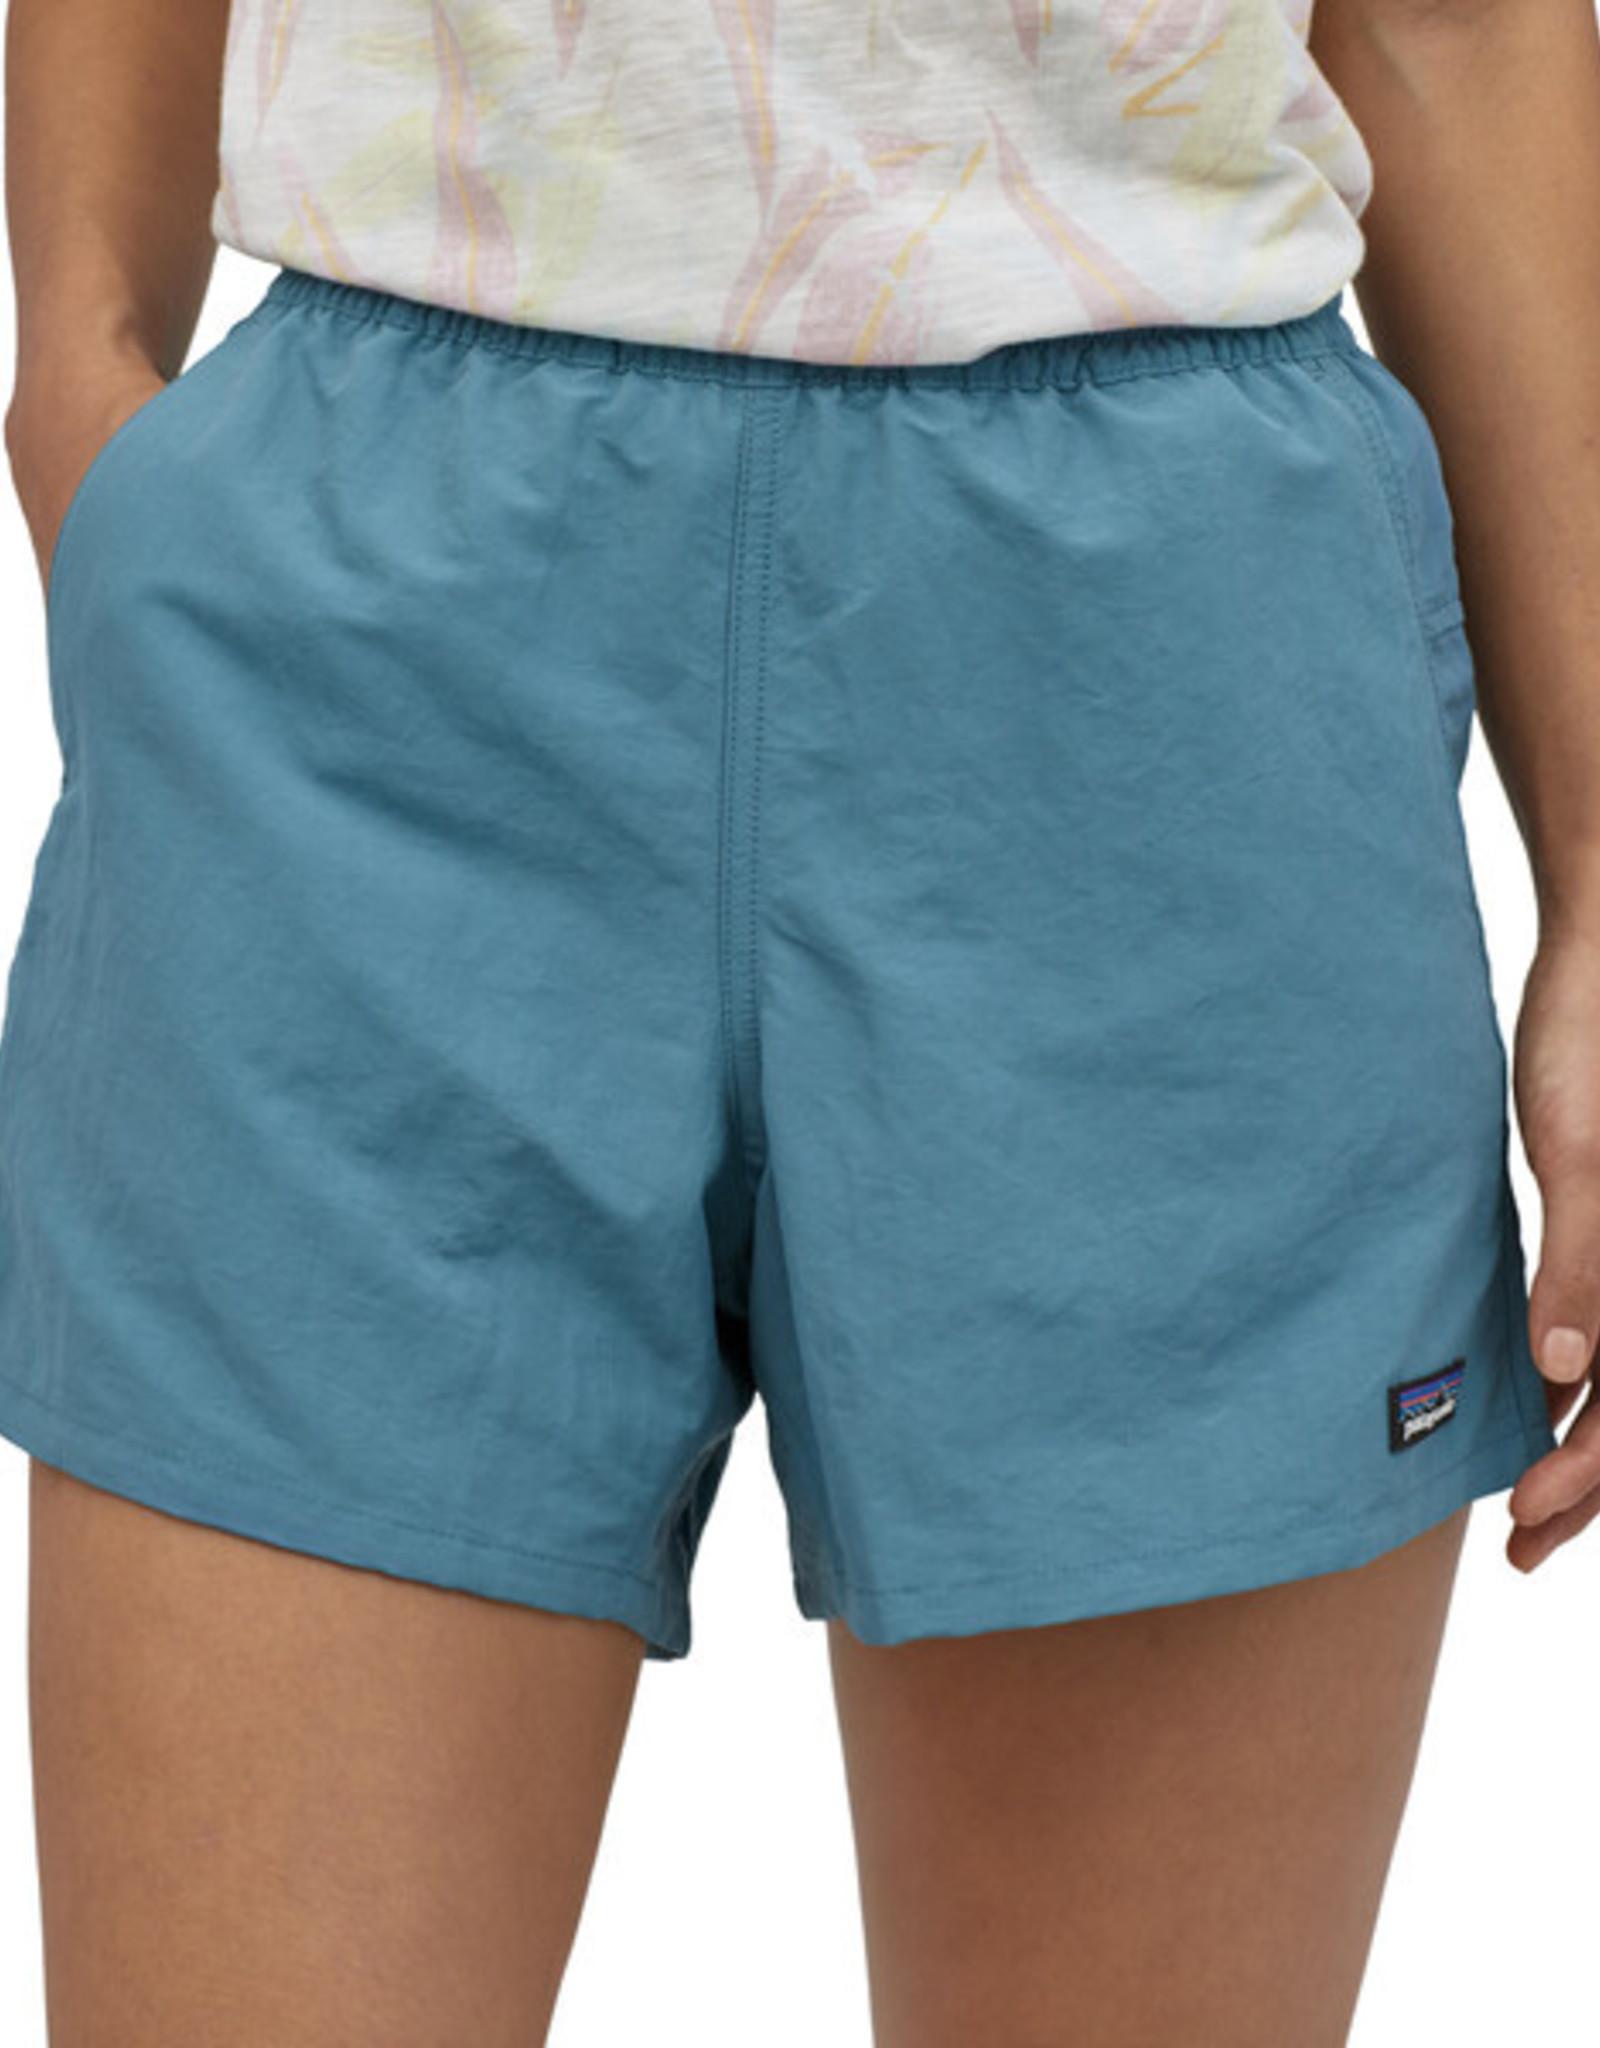 Patagonia - W's Baggies Shorts